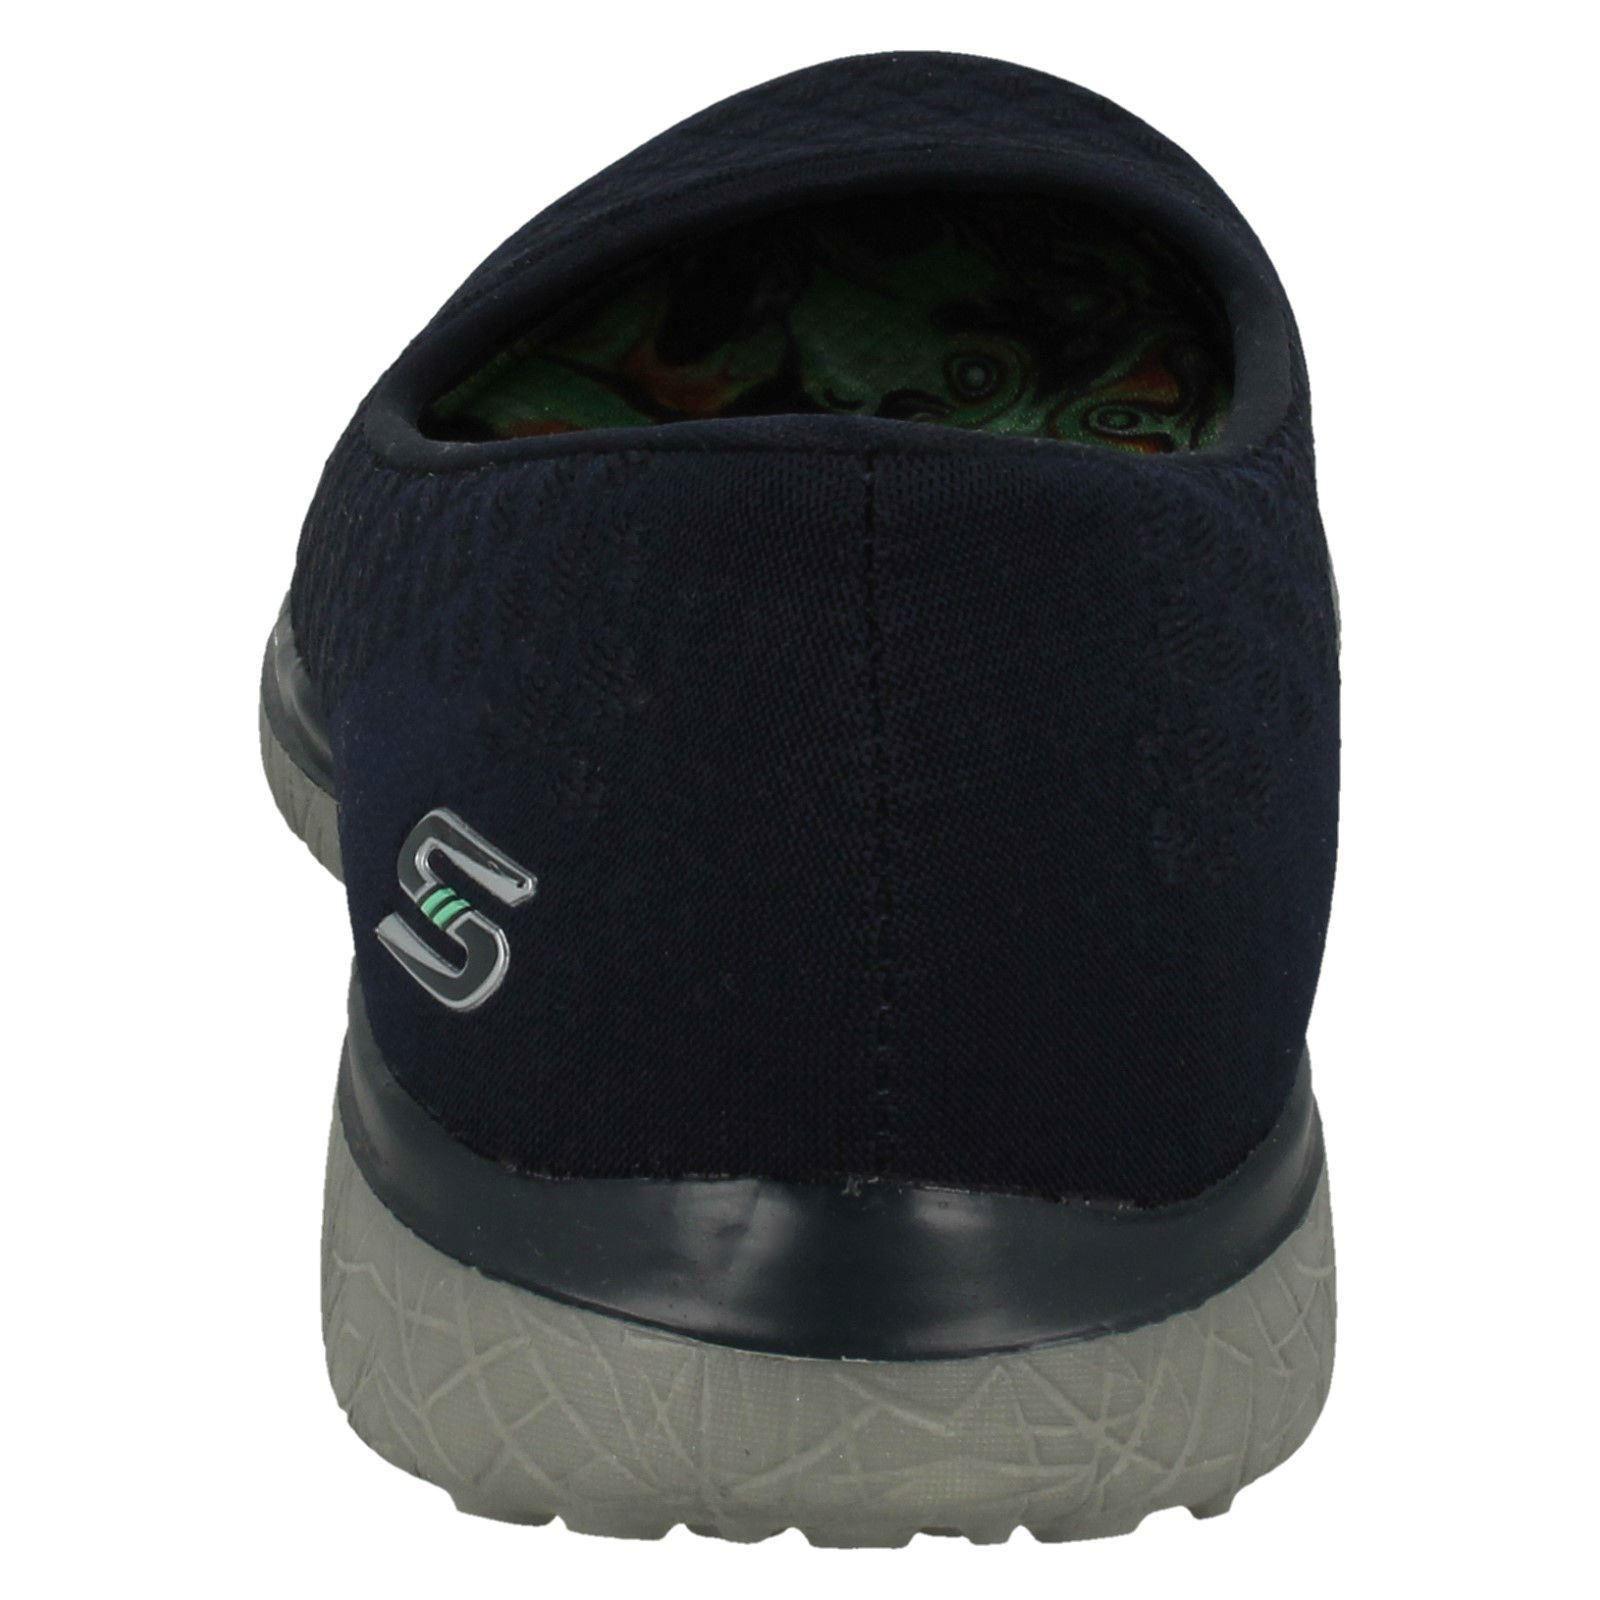 Ladies Skechers Memory Foam Shoes One Up 23312